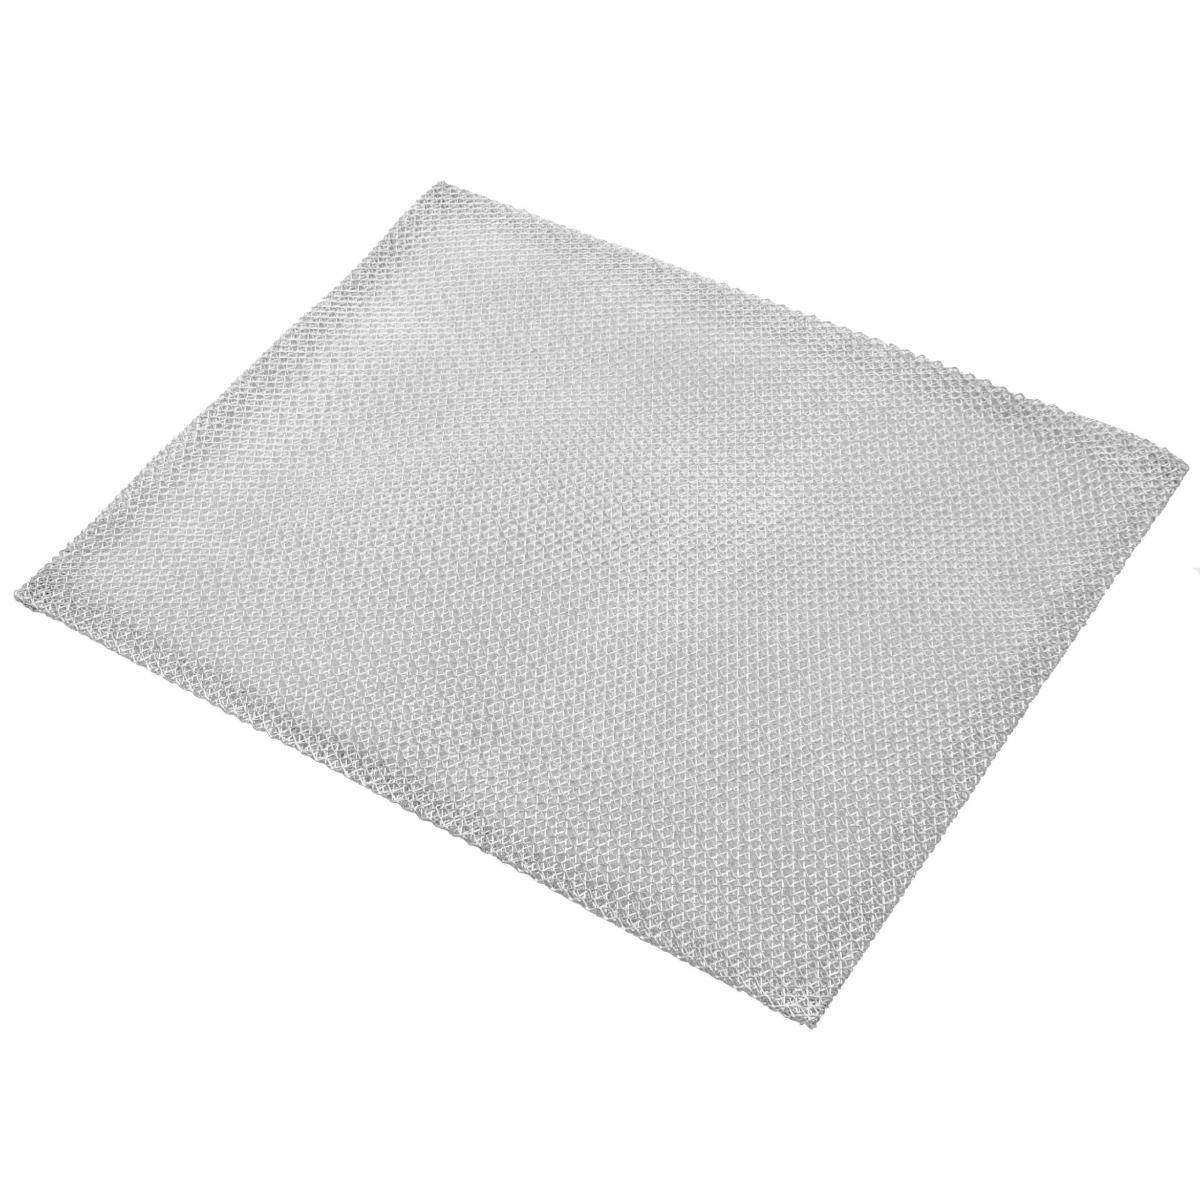 Vhbw vhbw Filtrepermanent filtre à graisse métallique 30 x 23,6 x 0,3cm convient pour Whirlpool AKR 973 857897301110 hottes d